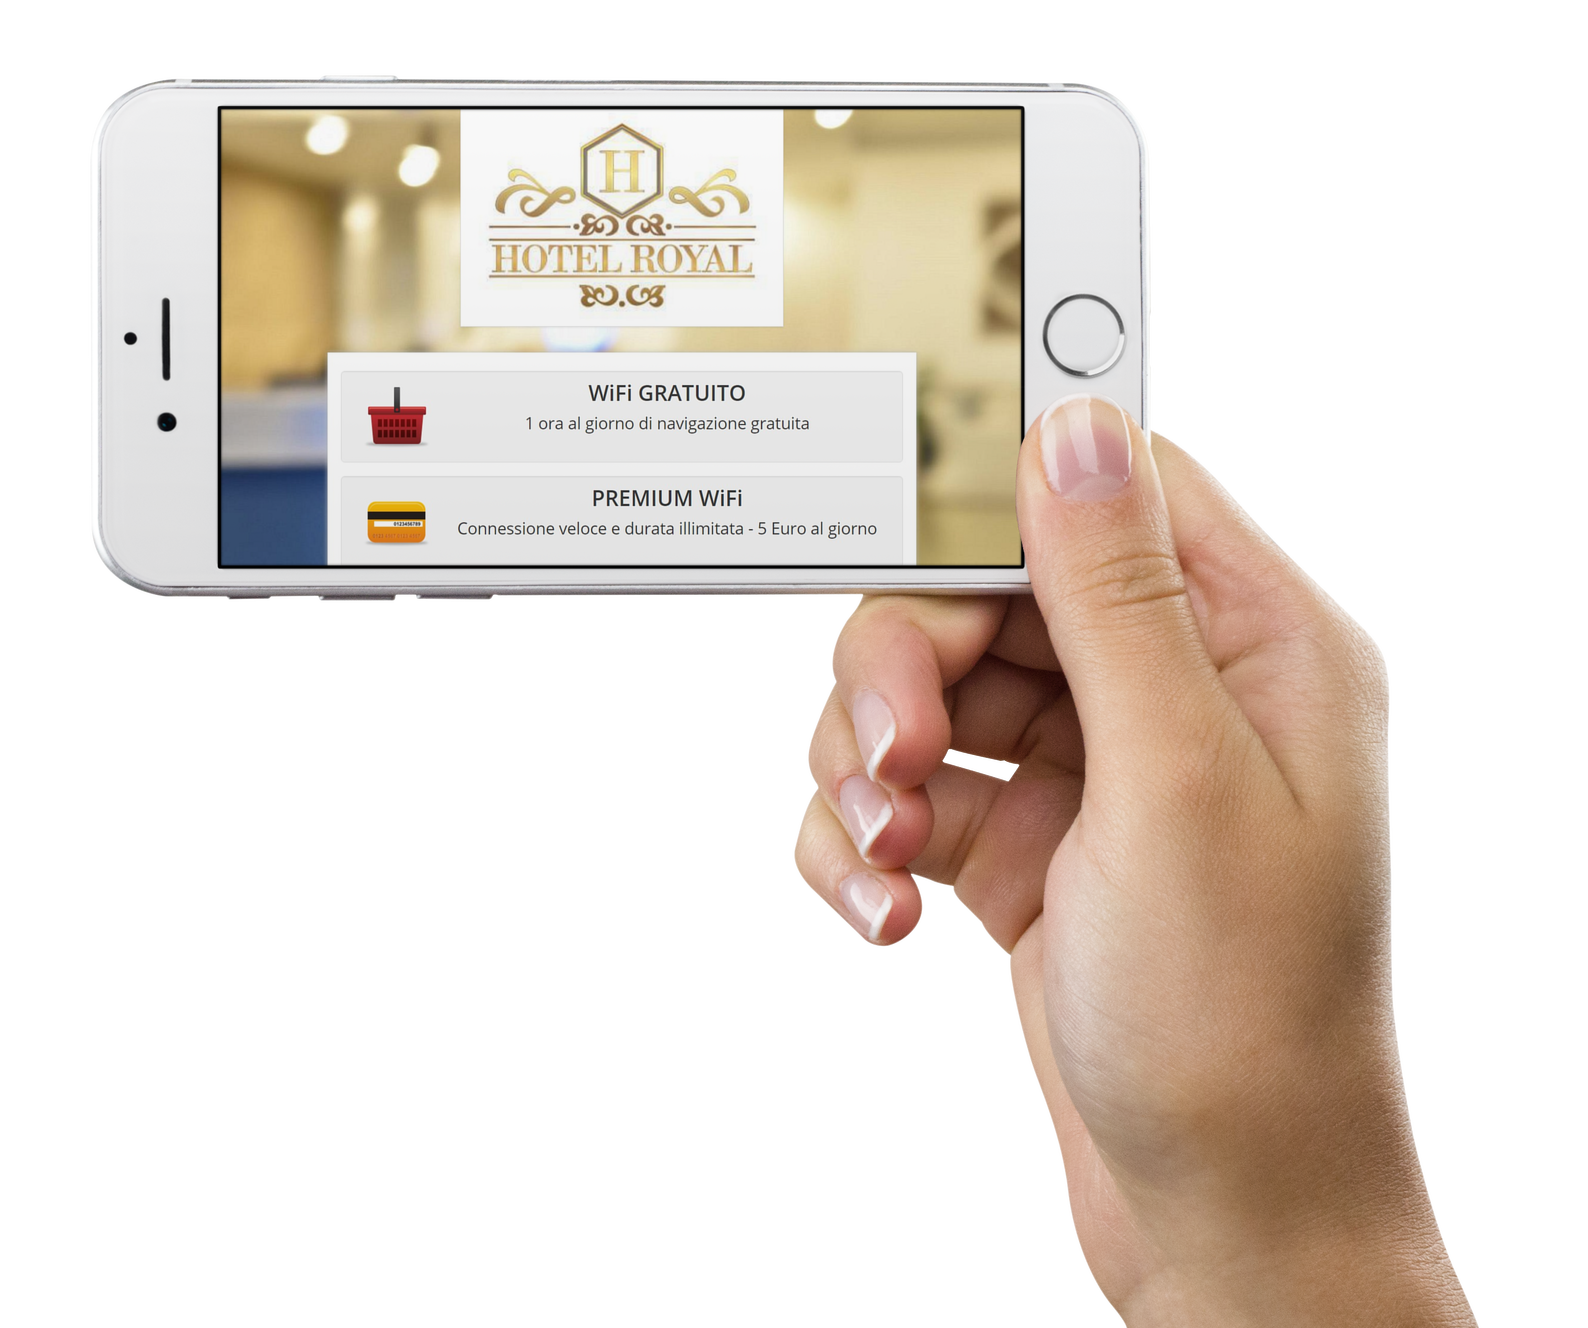 Una mano sostiene un iPhone su cui è visualizzata la pagina di accesso a Internet di Wi-Fi Hotel.